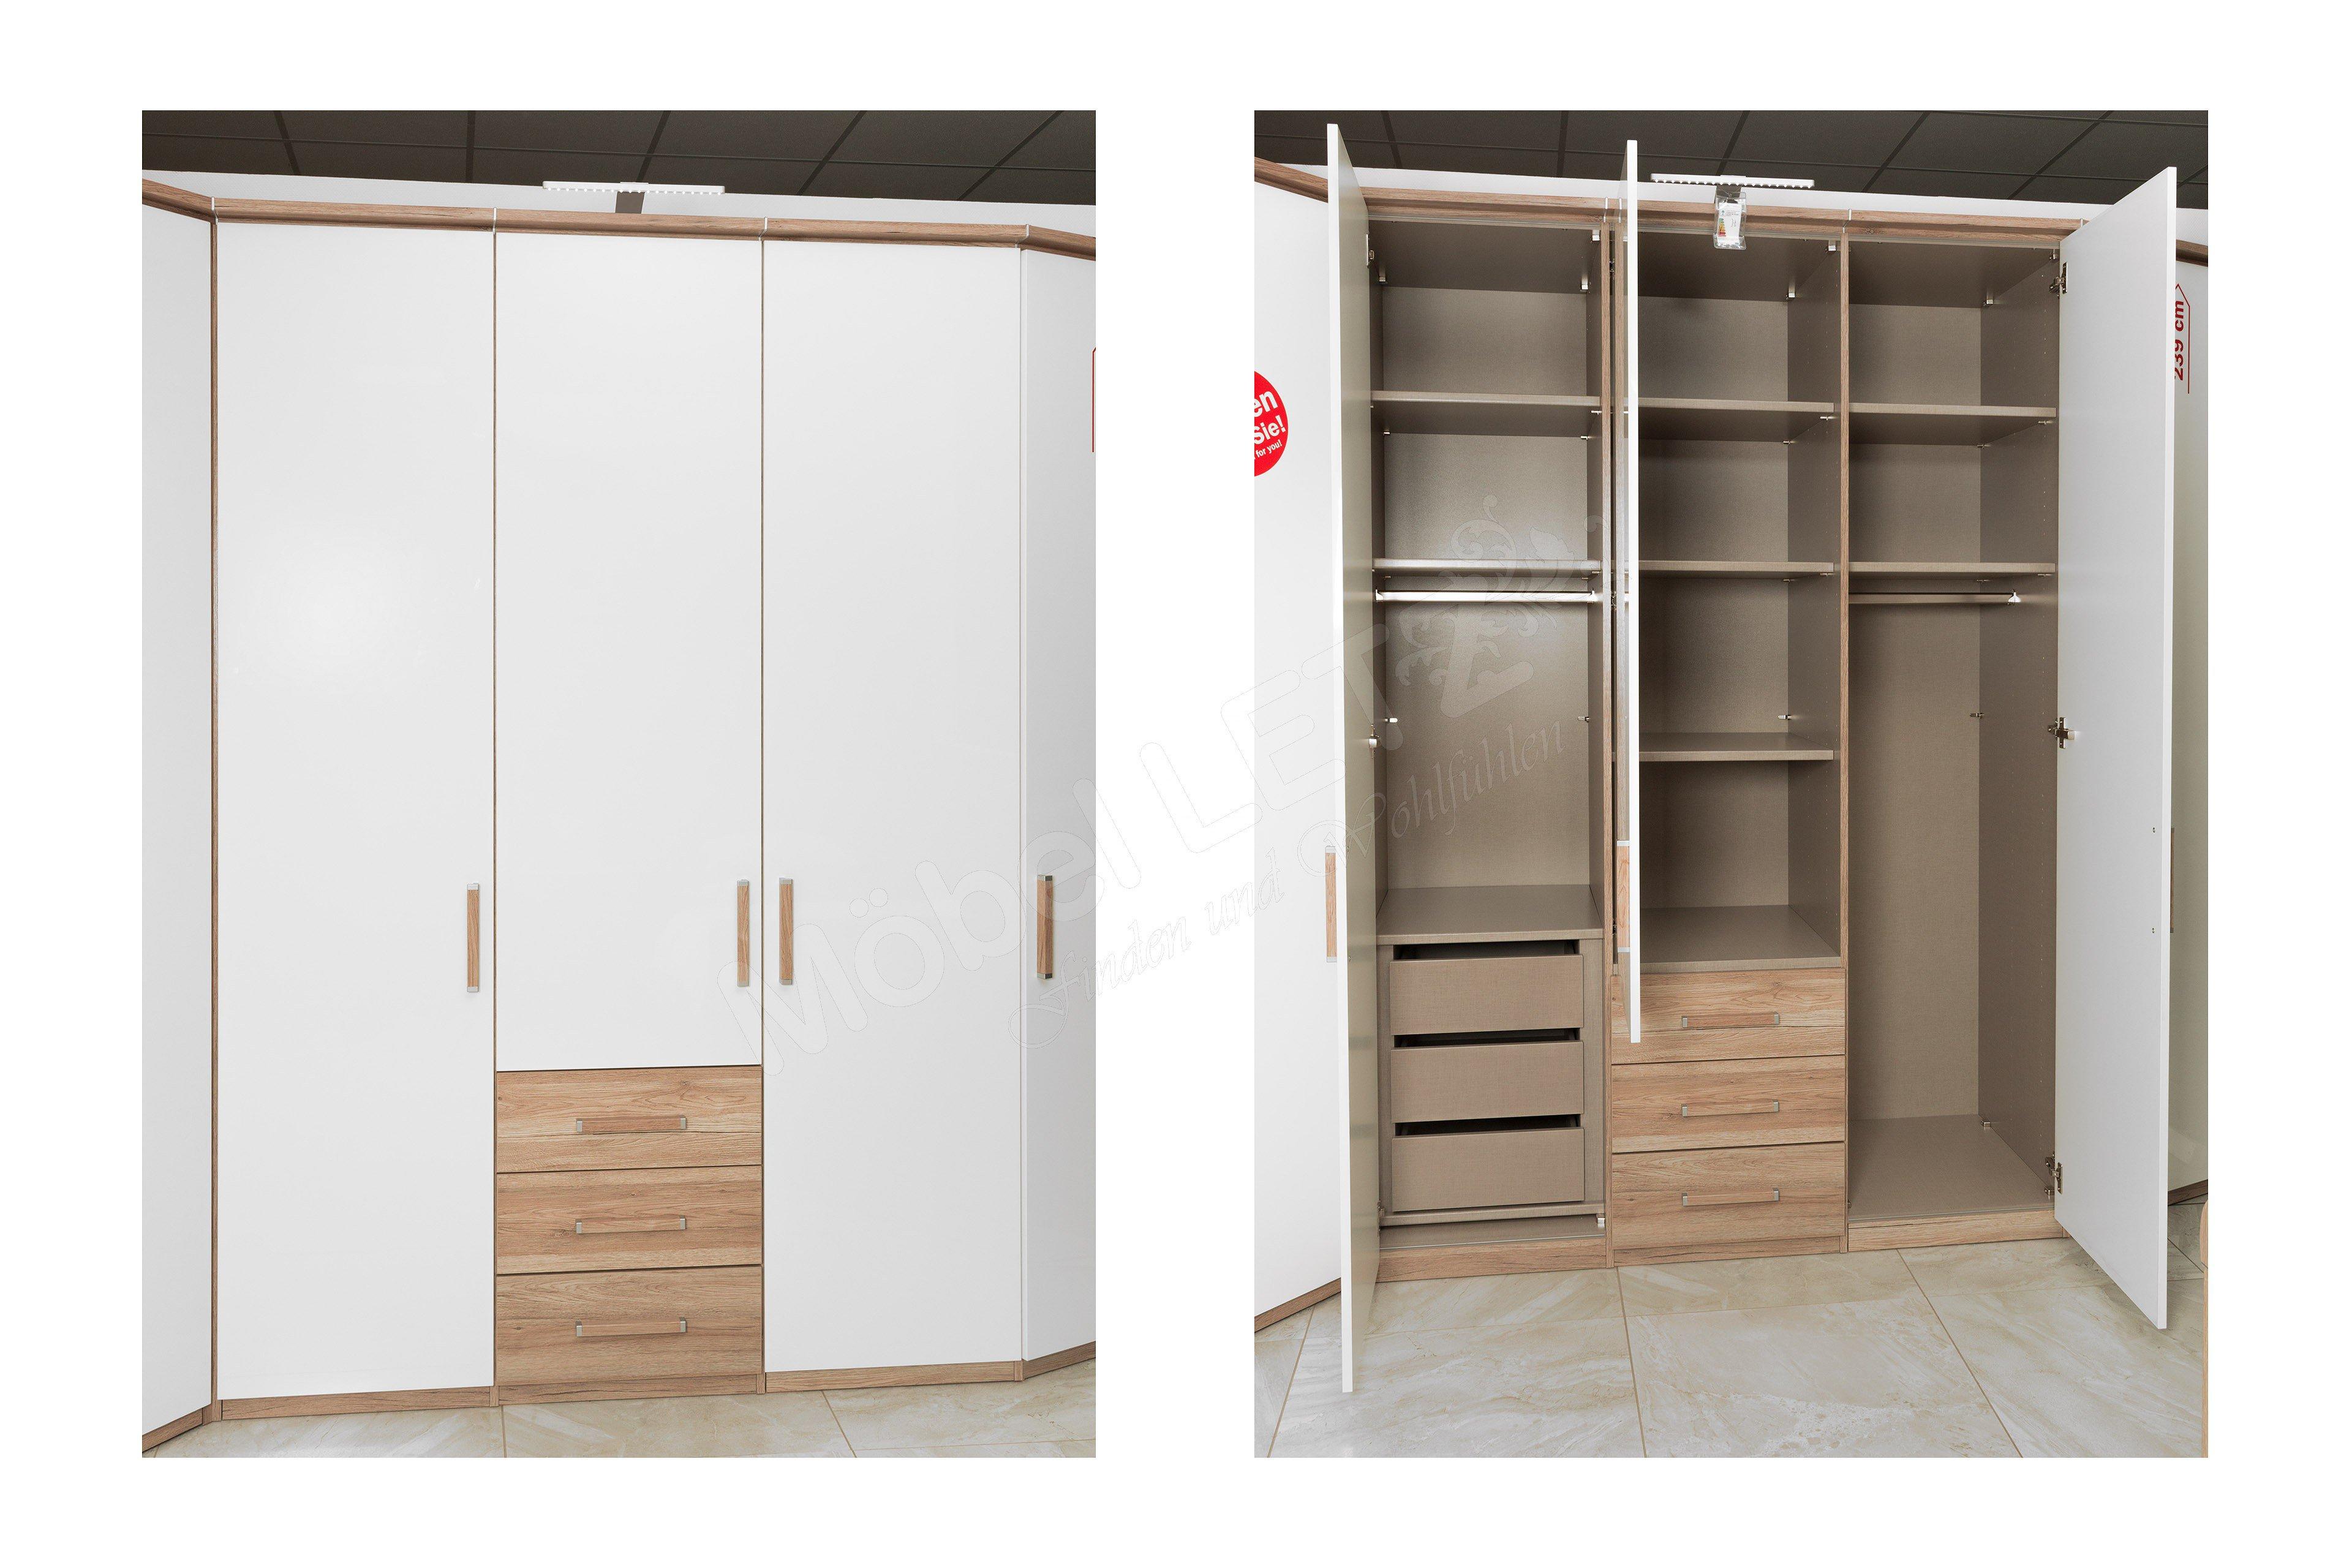 rauch dimension 4 schrank kombi hochglanz wei m bel letz ihr online shop. Black Bedroom Furniture Sets. Home Design Ideas